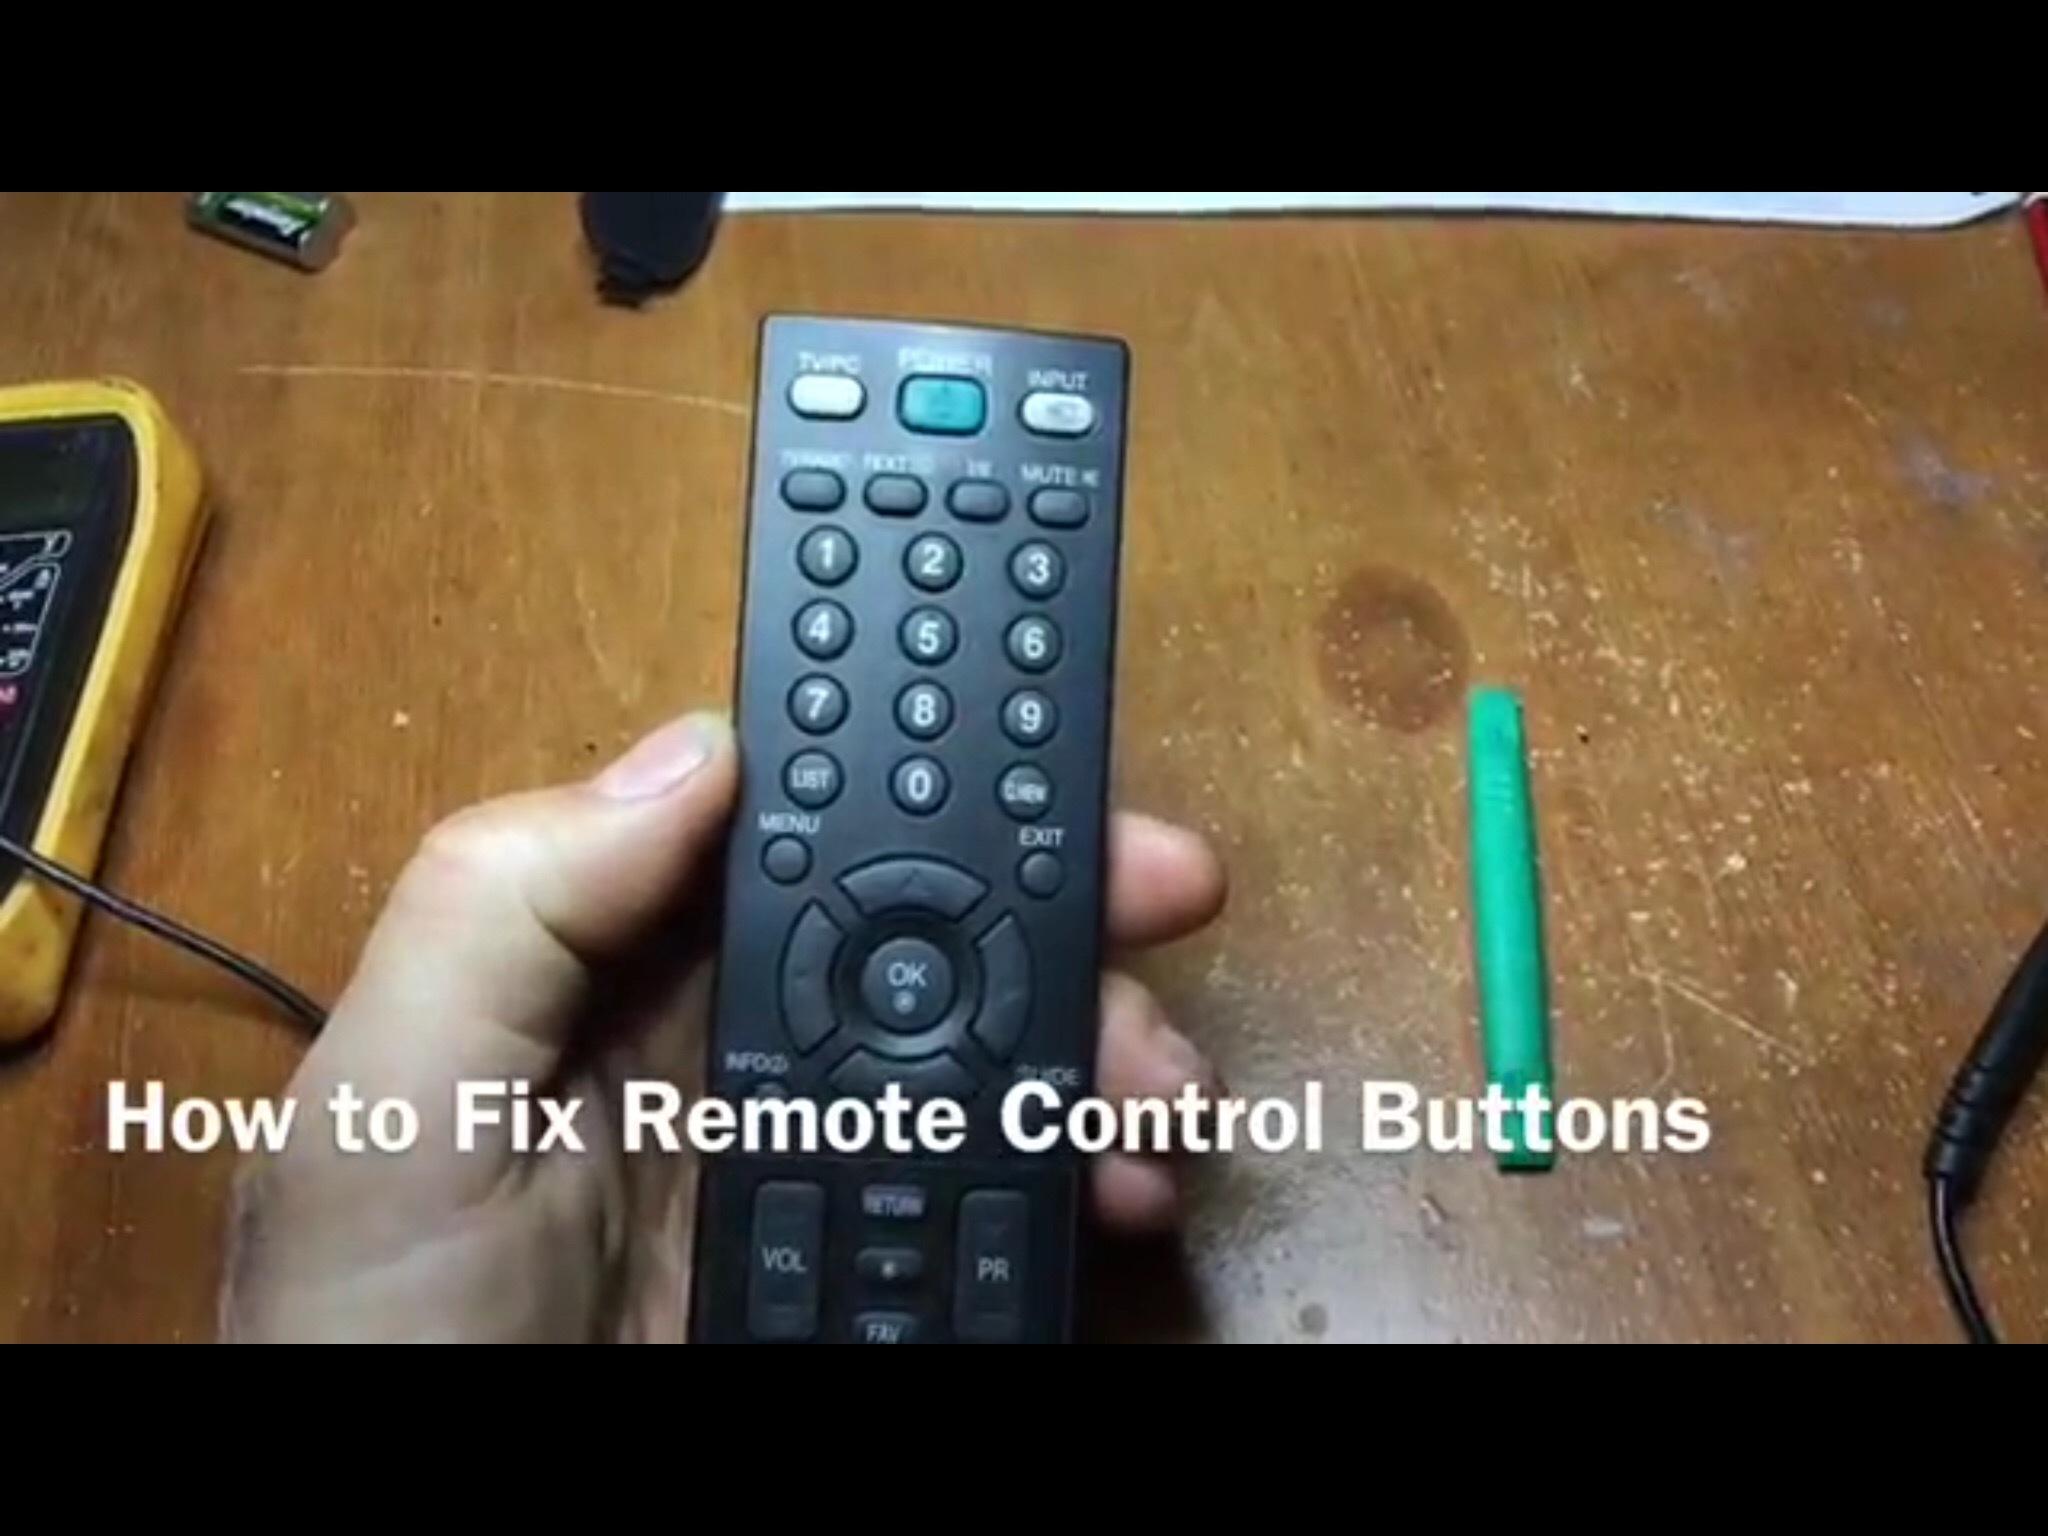 Remote Control Repair - iFixit